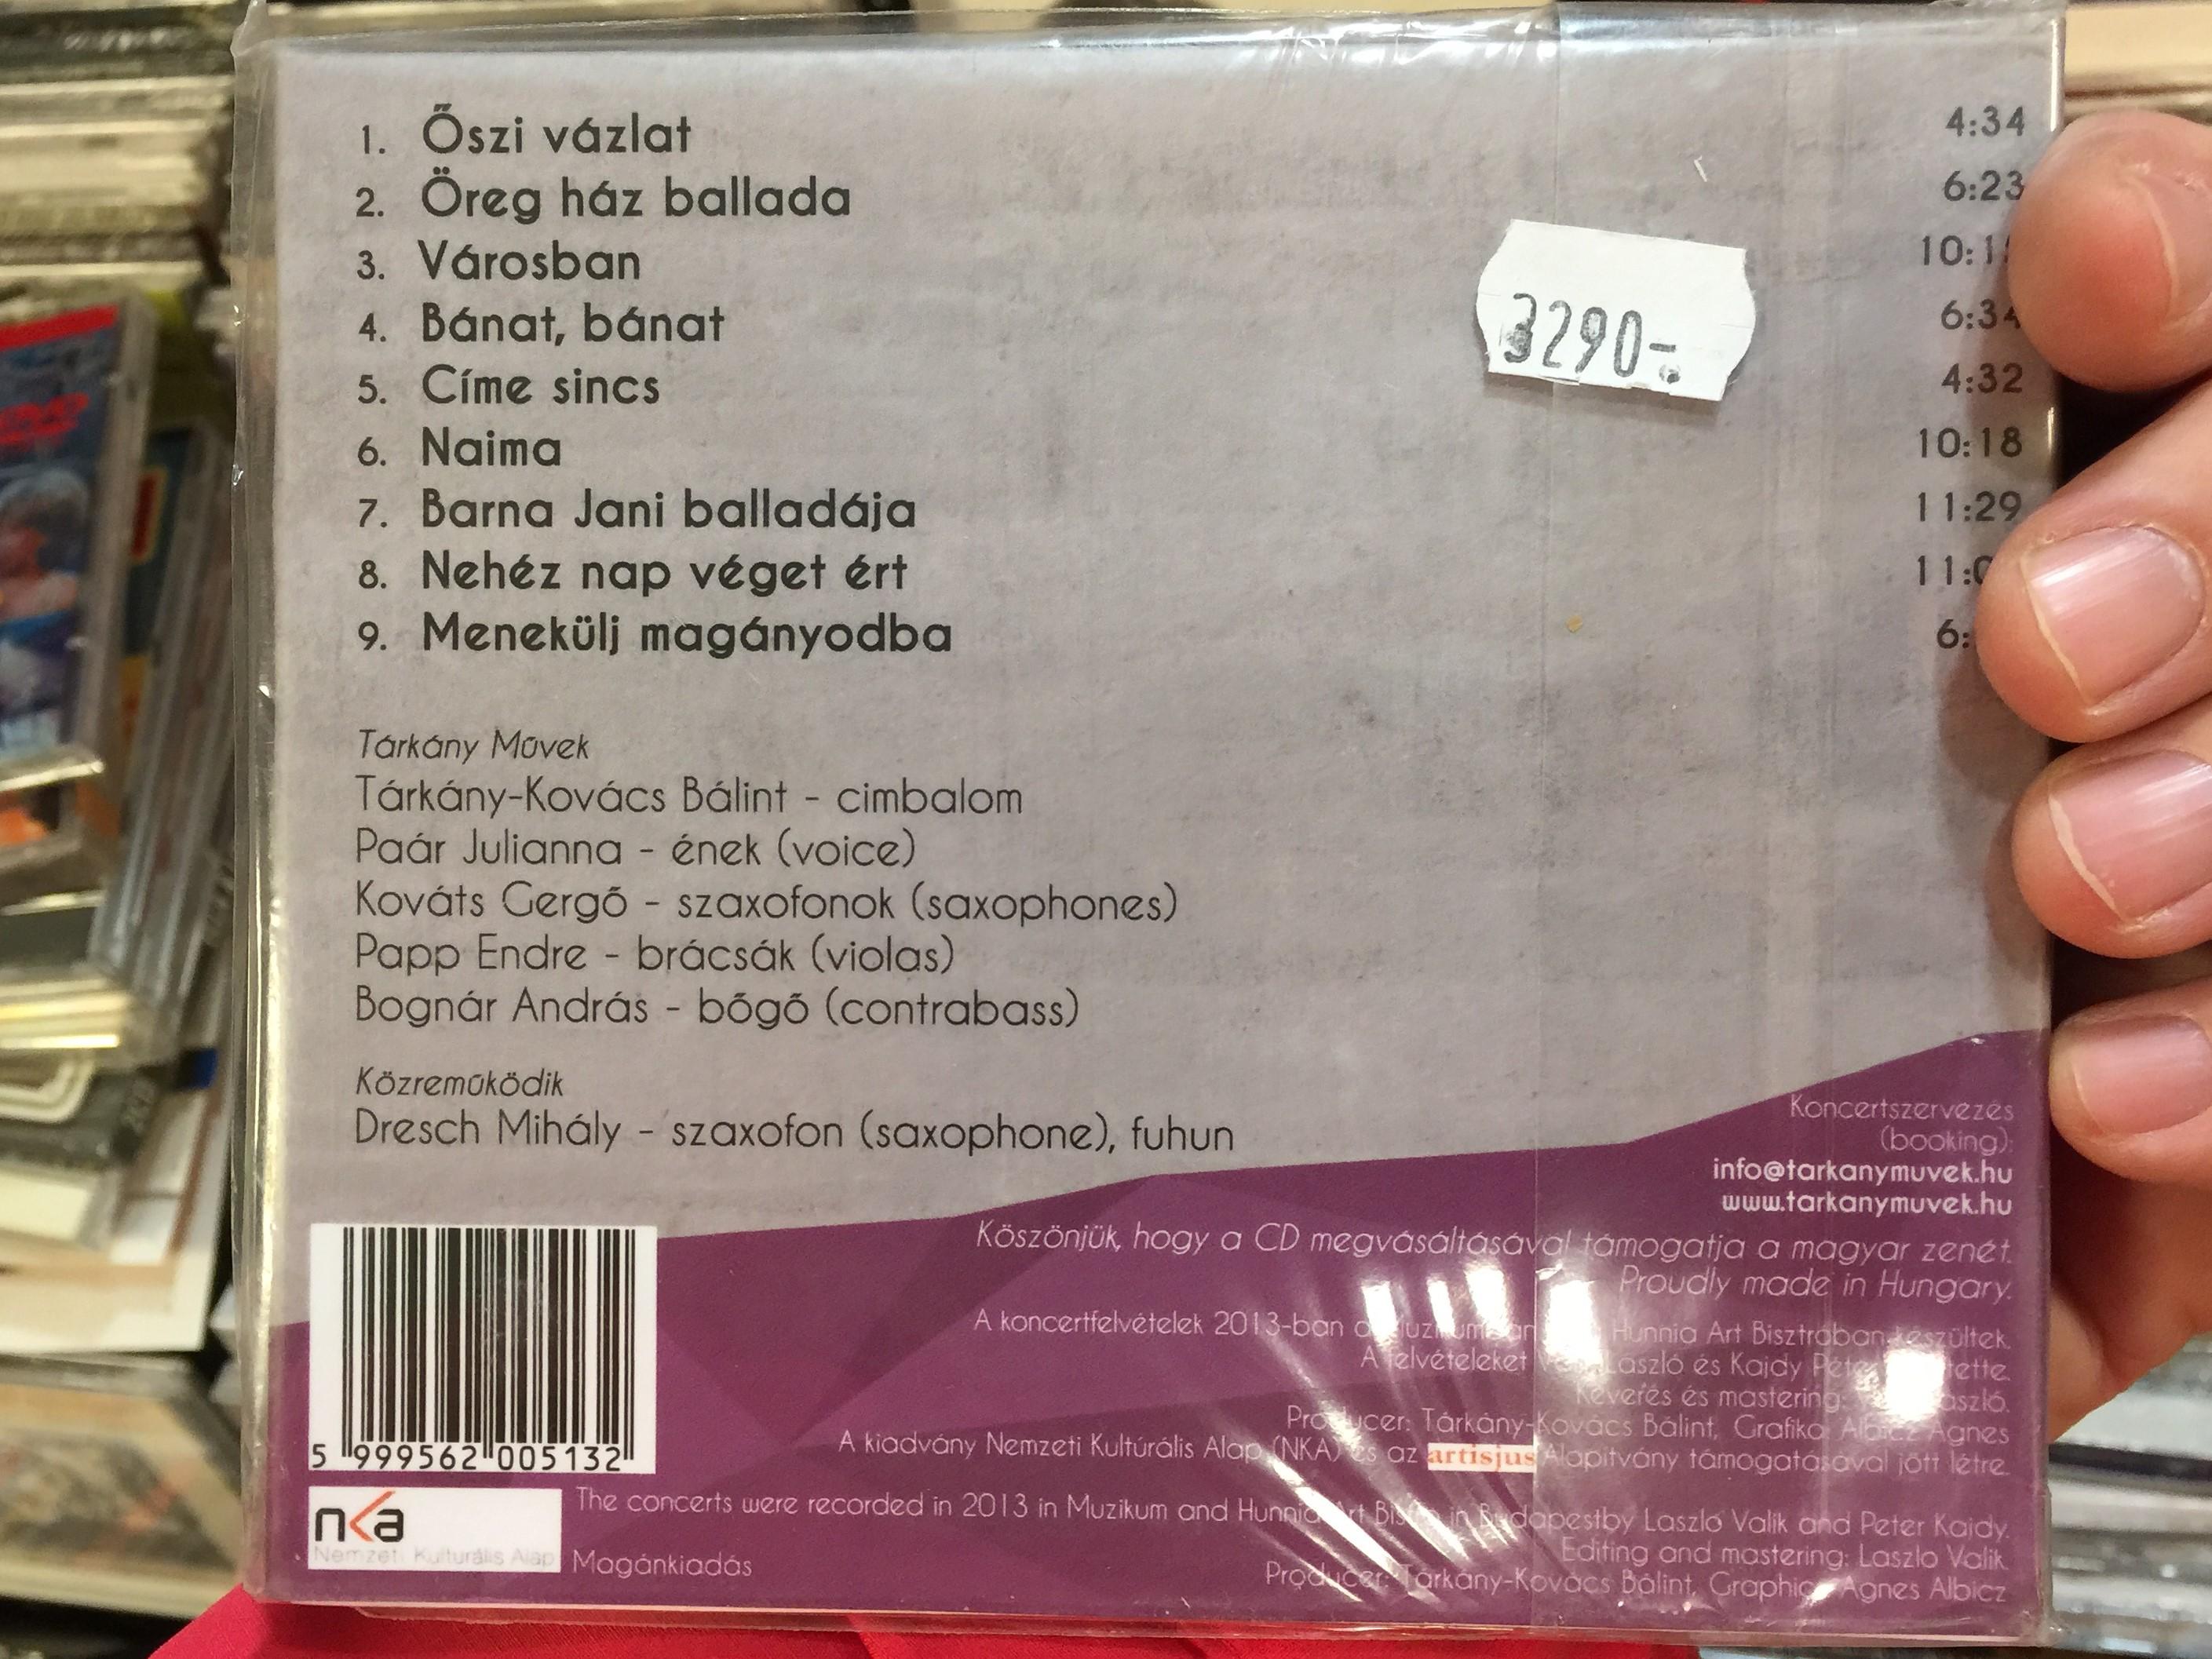 t-rk-ny-m-vek-s-dresch-mih-ly-szi-v-zlatok-l-koncertfelv-telek-not-on-label-t-rk-ny-m-vek-self-released-audio-cd-2013-tm-2014-2-.jpg